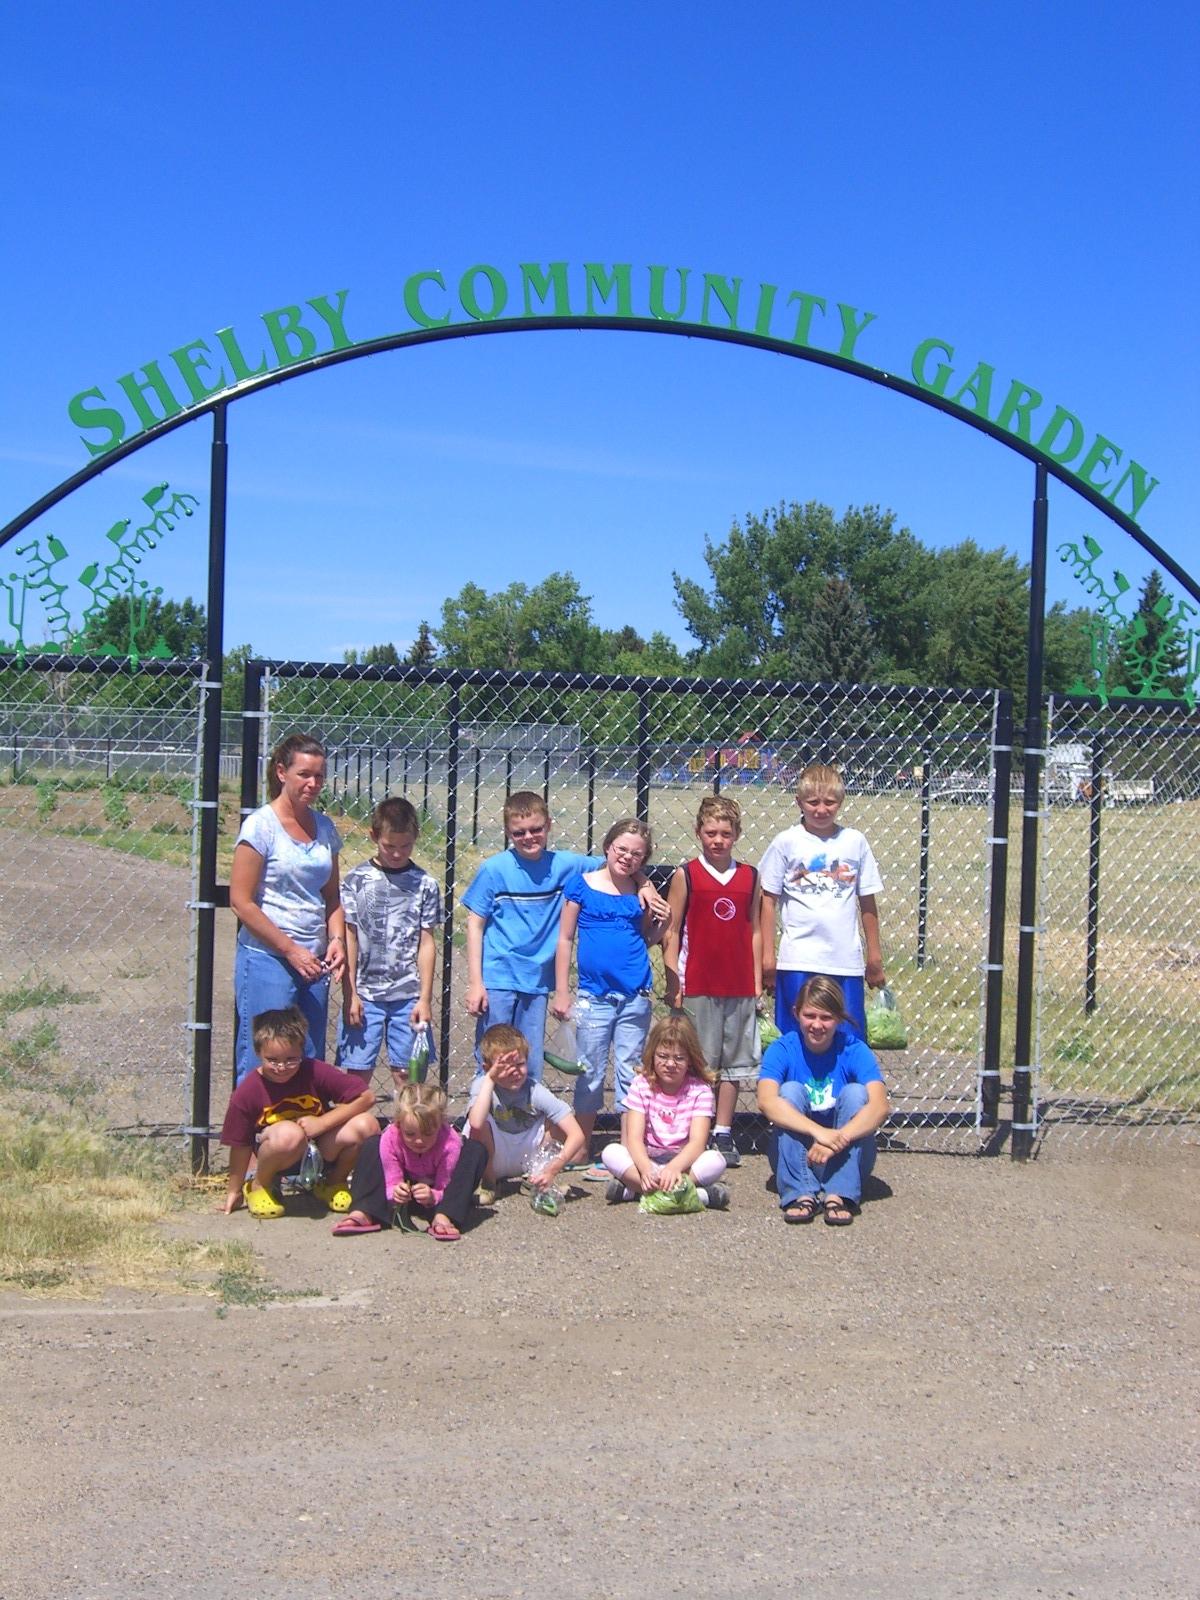 Shelby Community Garden